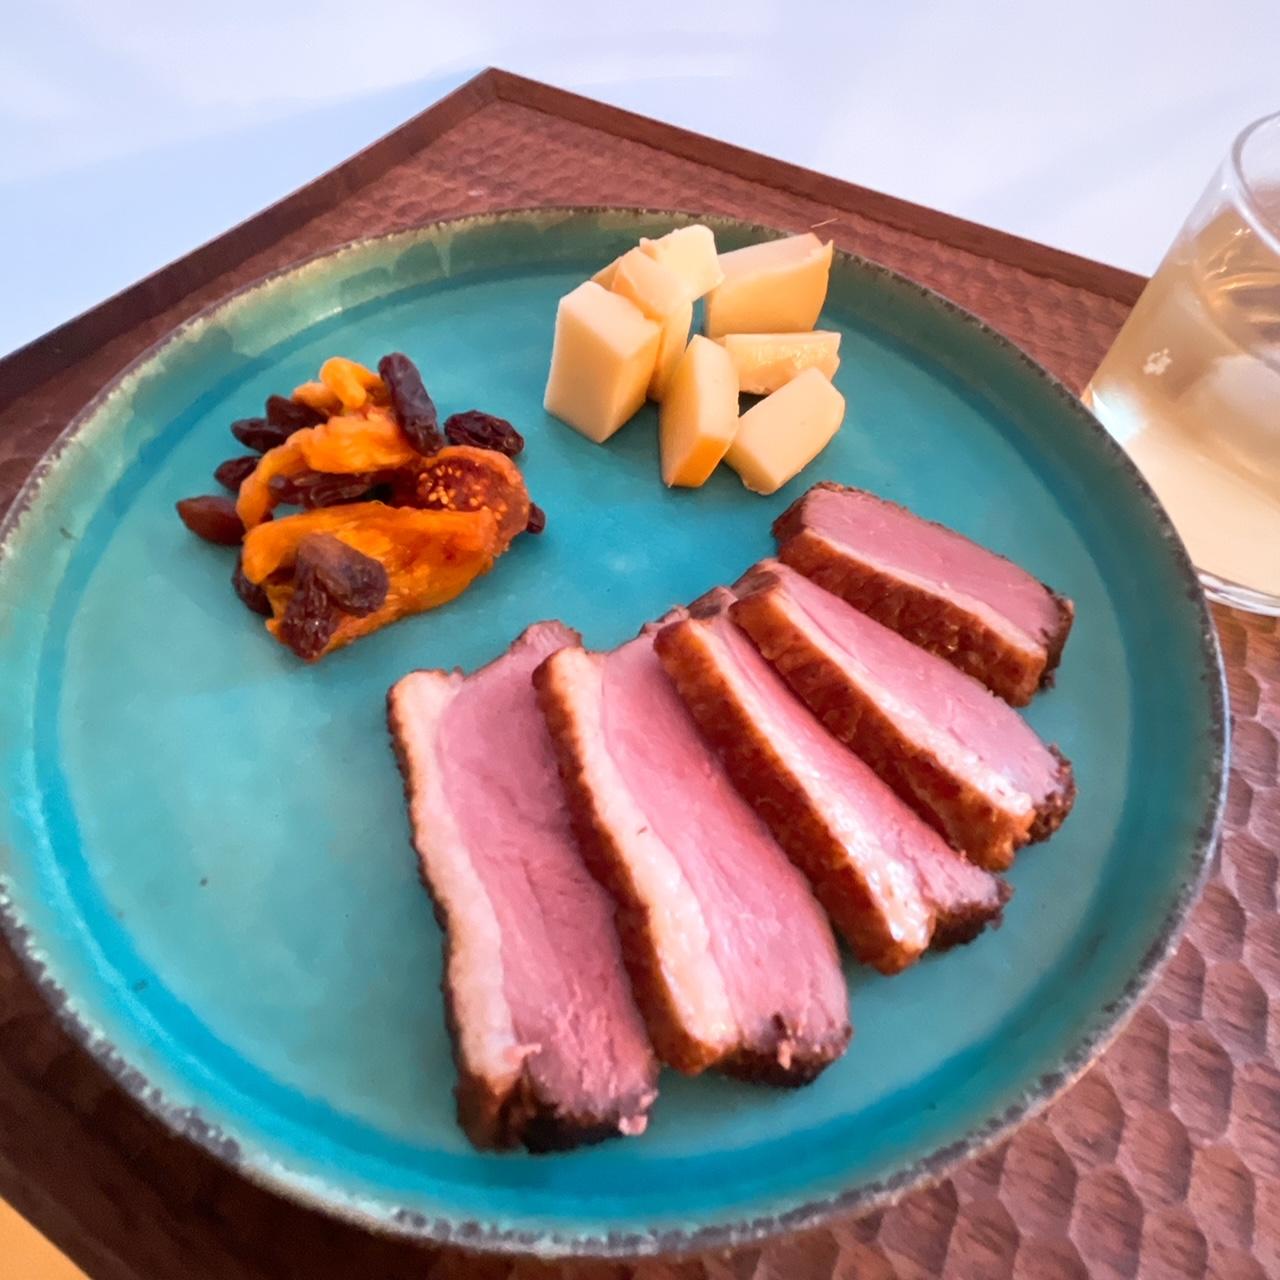 料理人が手がける世田谷の燻製工房〈ペルティカ〉の「無添加 燻製料理」〜眞鍋かをりの『即決!2,000円で美味しいお取り寄せ』~